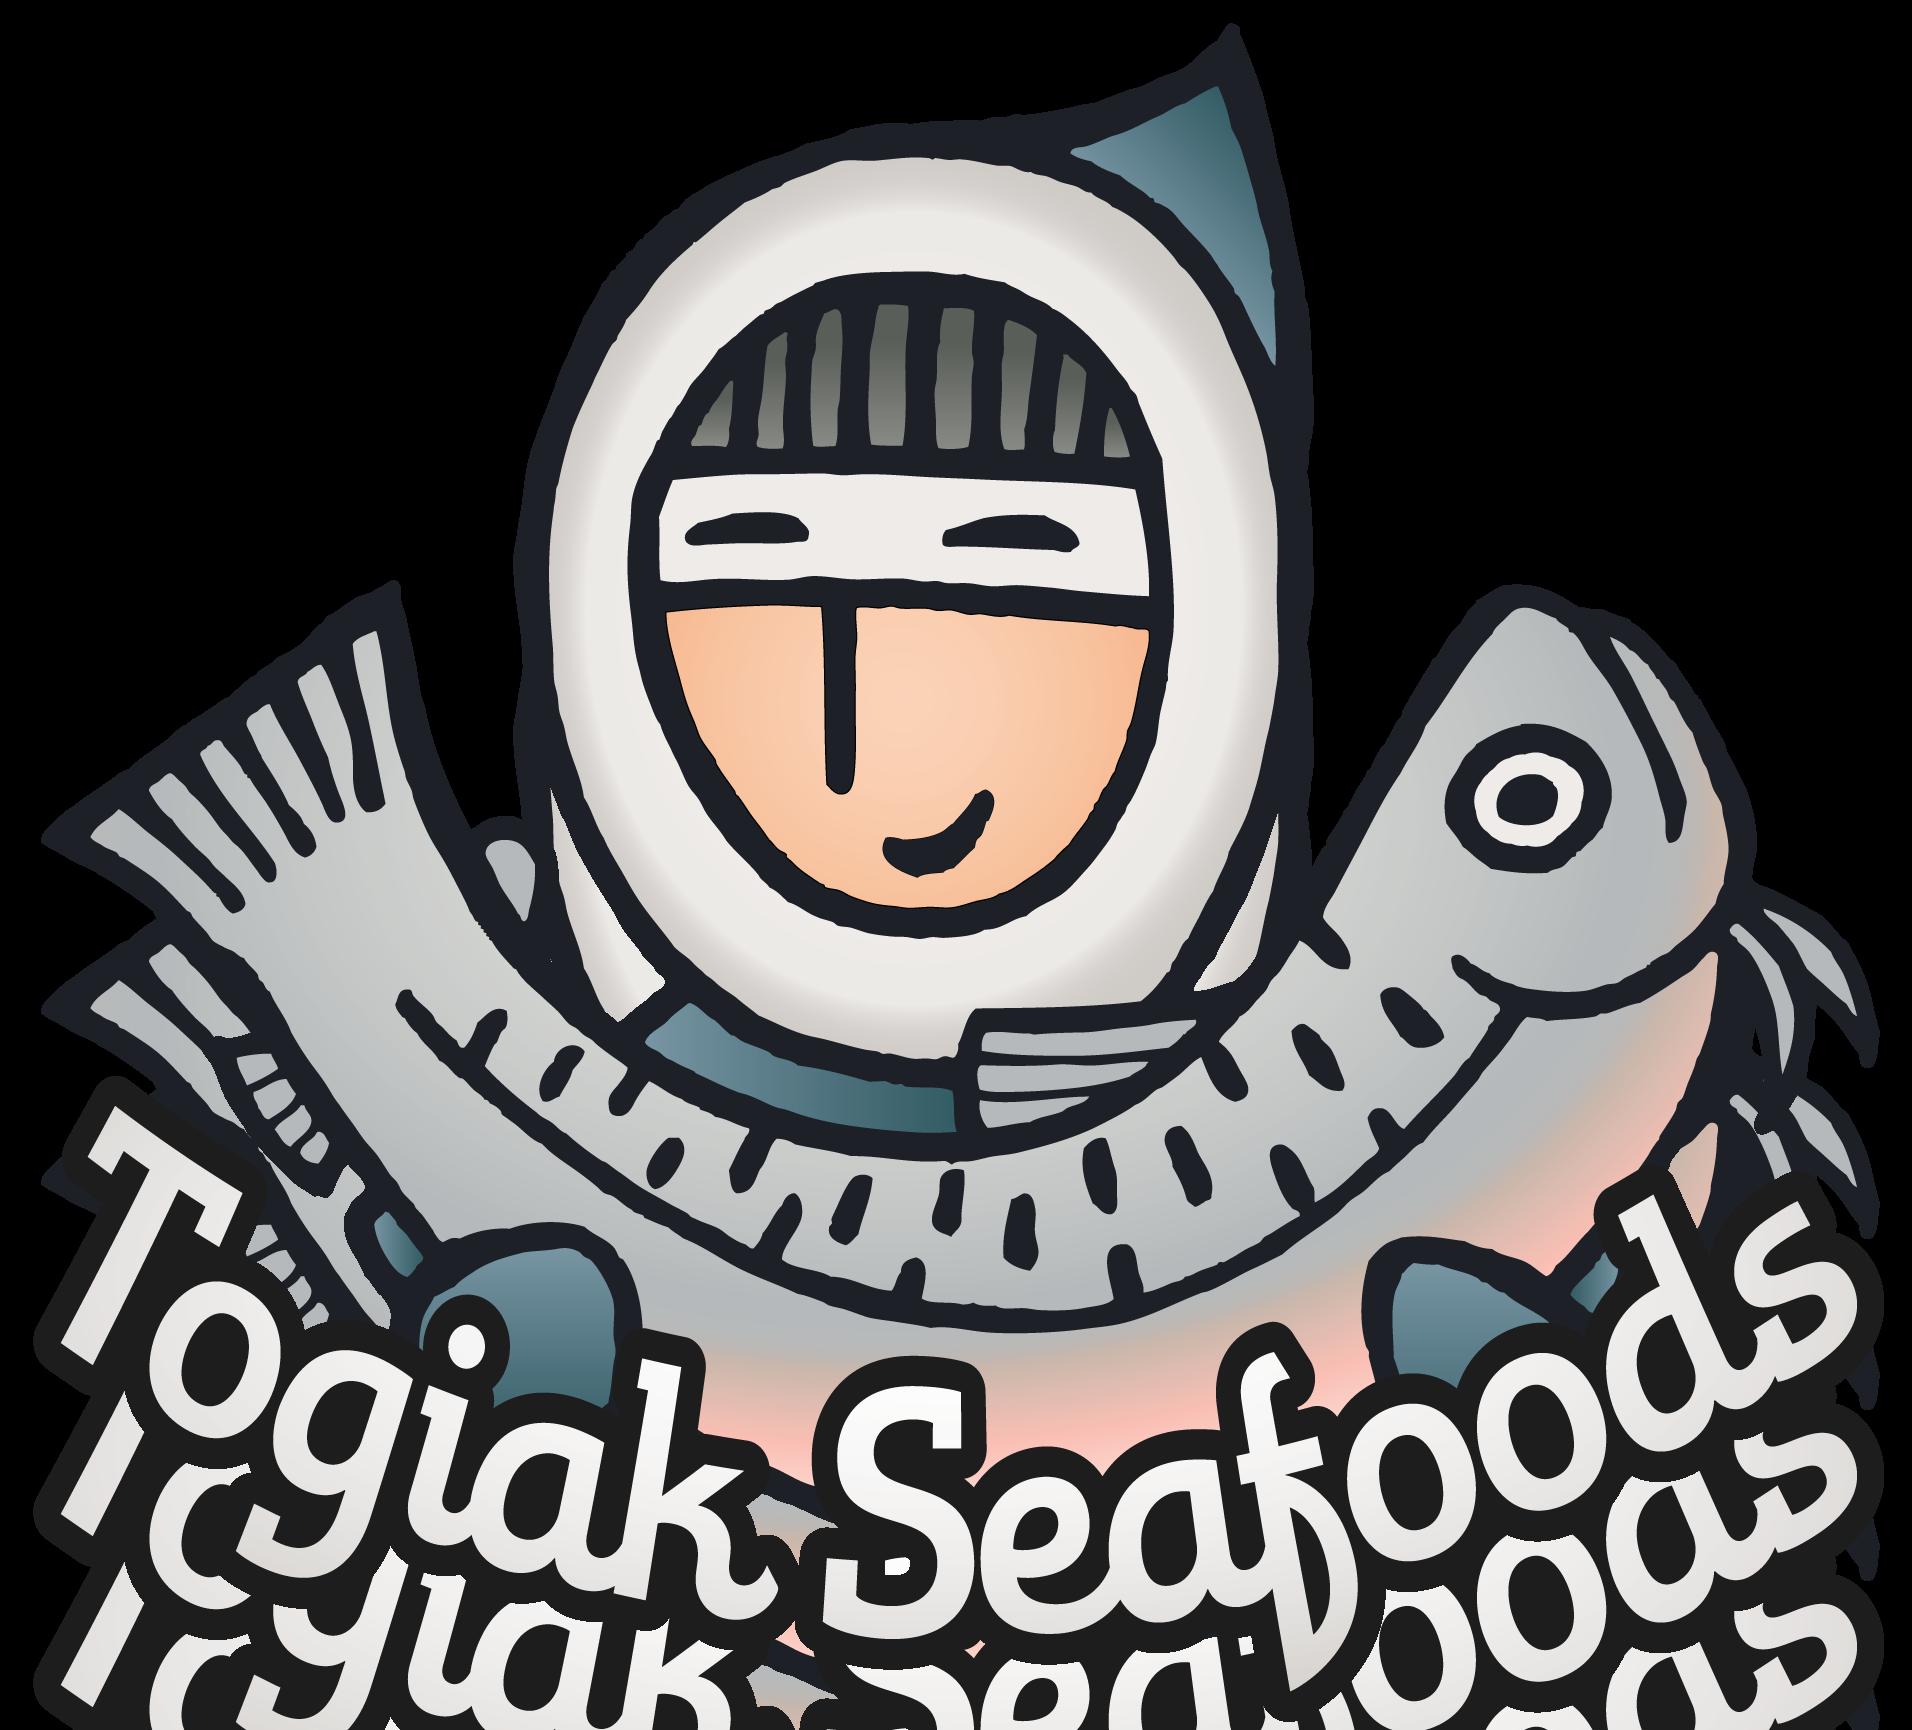 tgk-int-lgo-togiak-seafoods-logo-06mar12-01.png